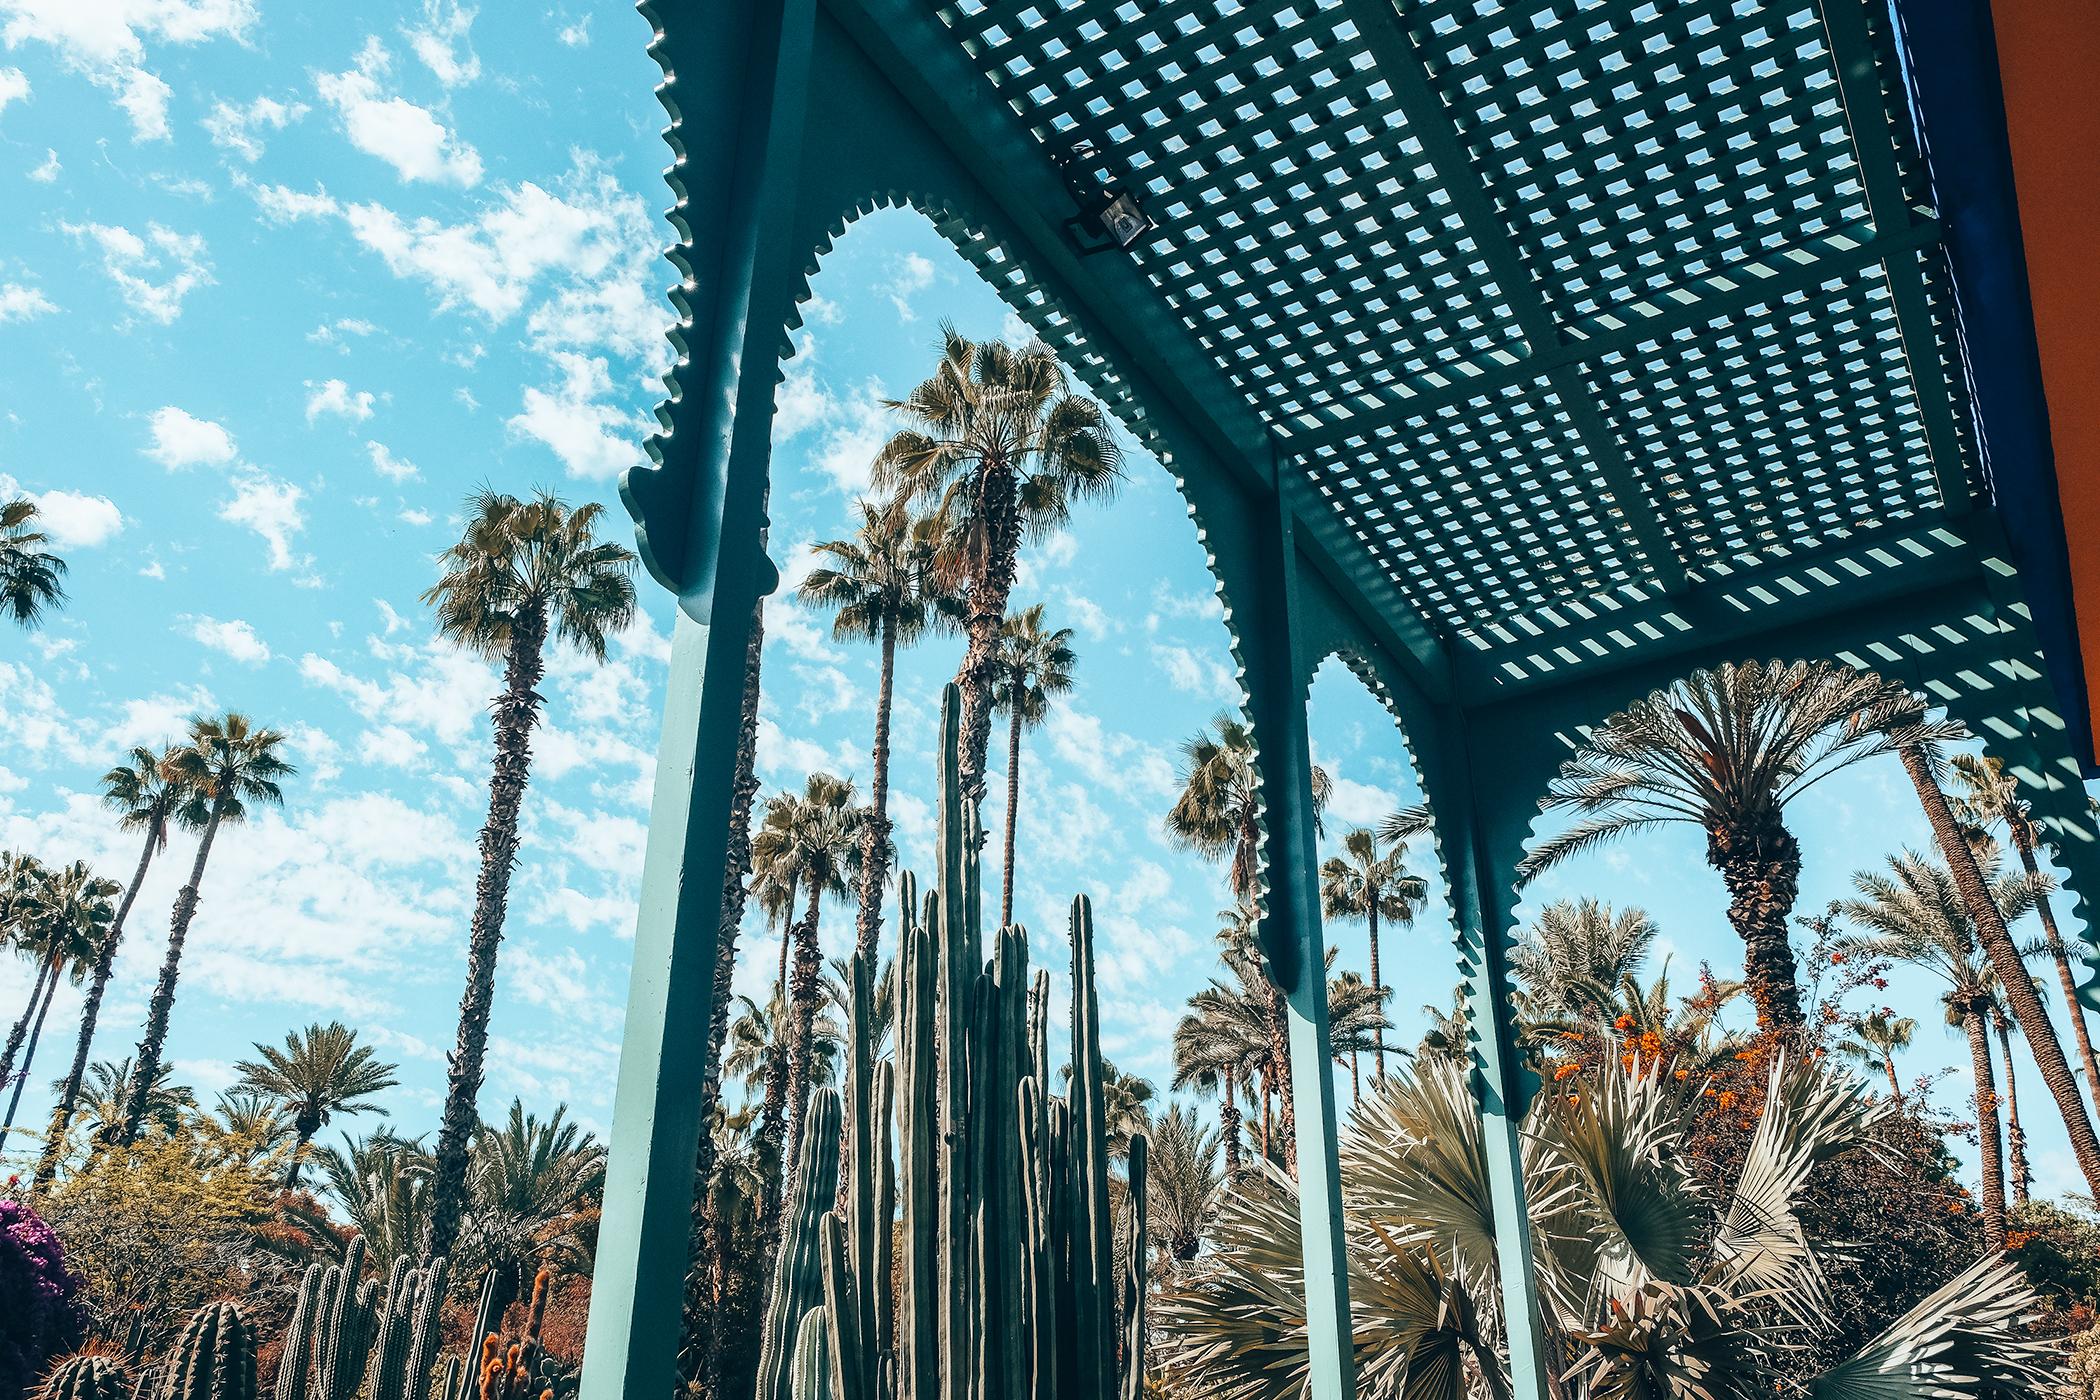 Le jardin majorelle l 39 incontournable de marrakech for Jardin yves saint laurent marrakech